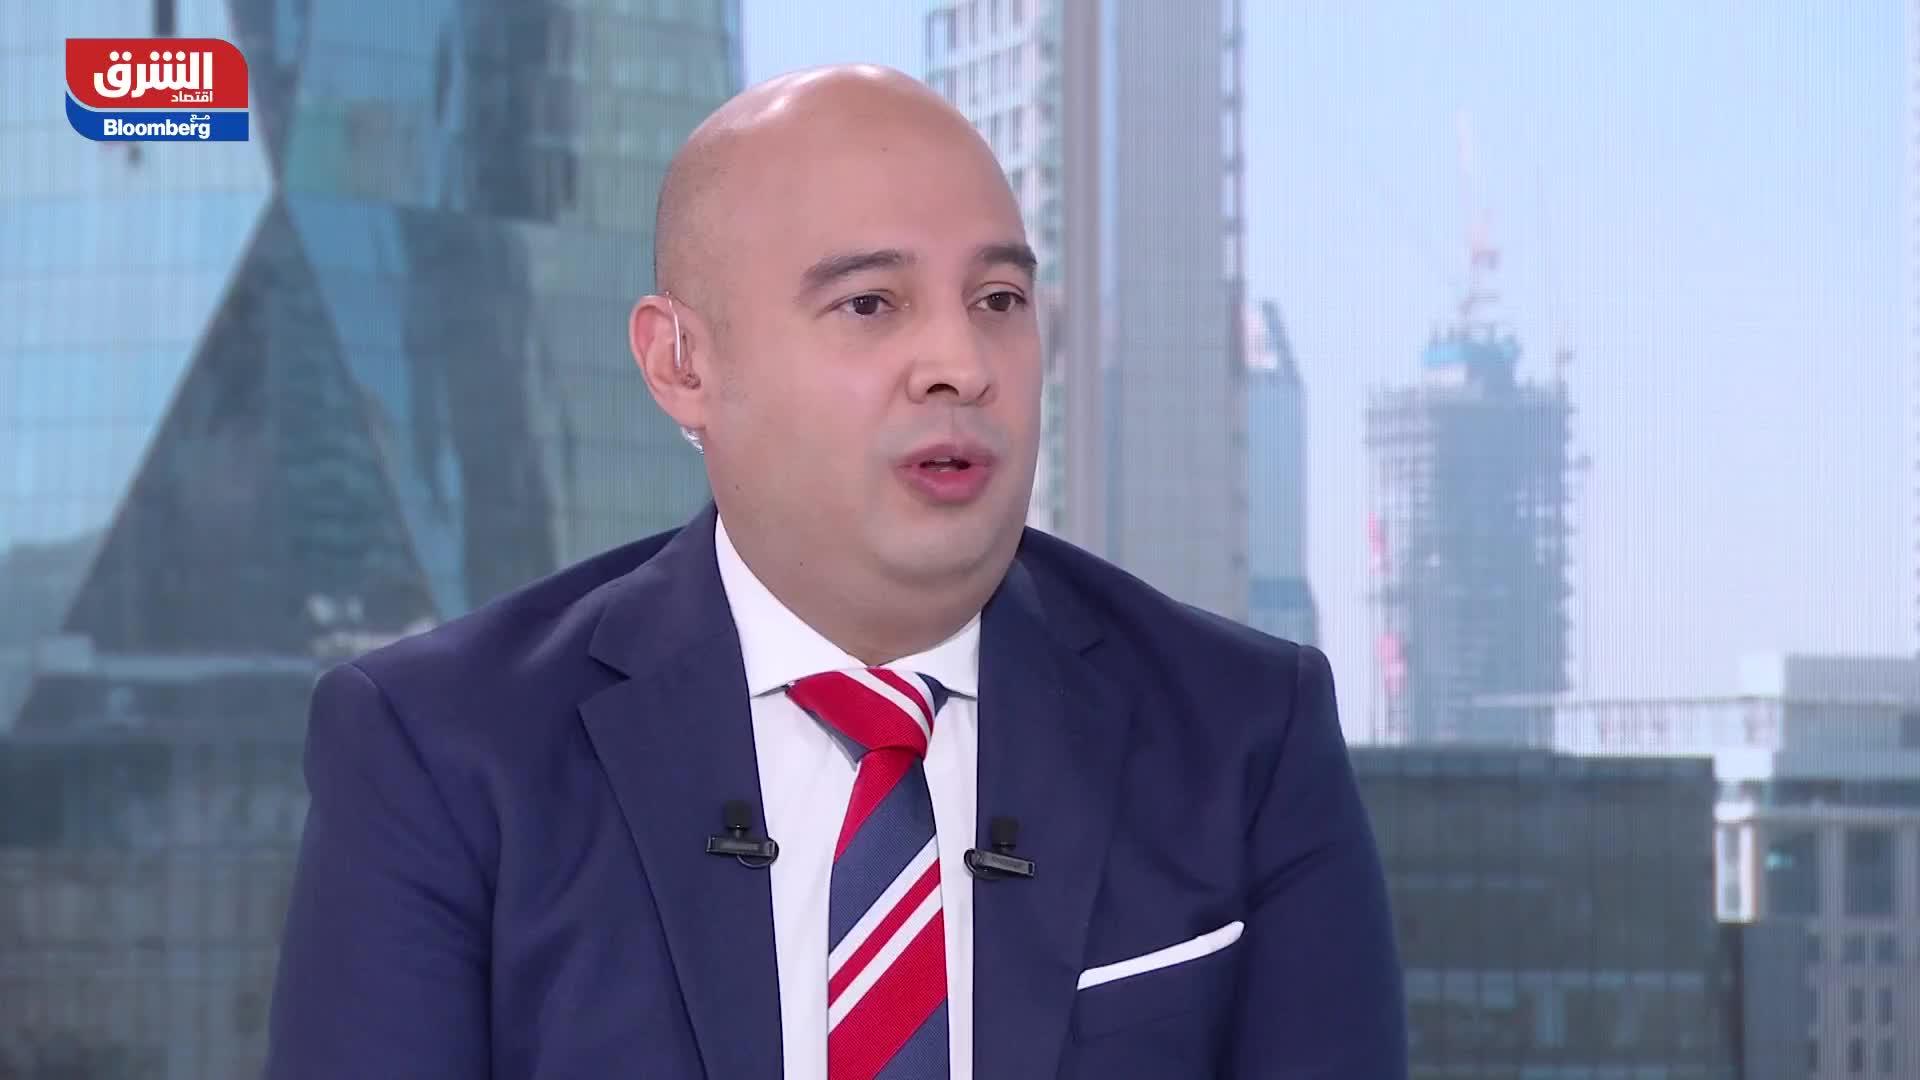 فيصل دوراني : أداء السوق السكنية السعودية جيد منذ خمس سنوات